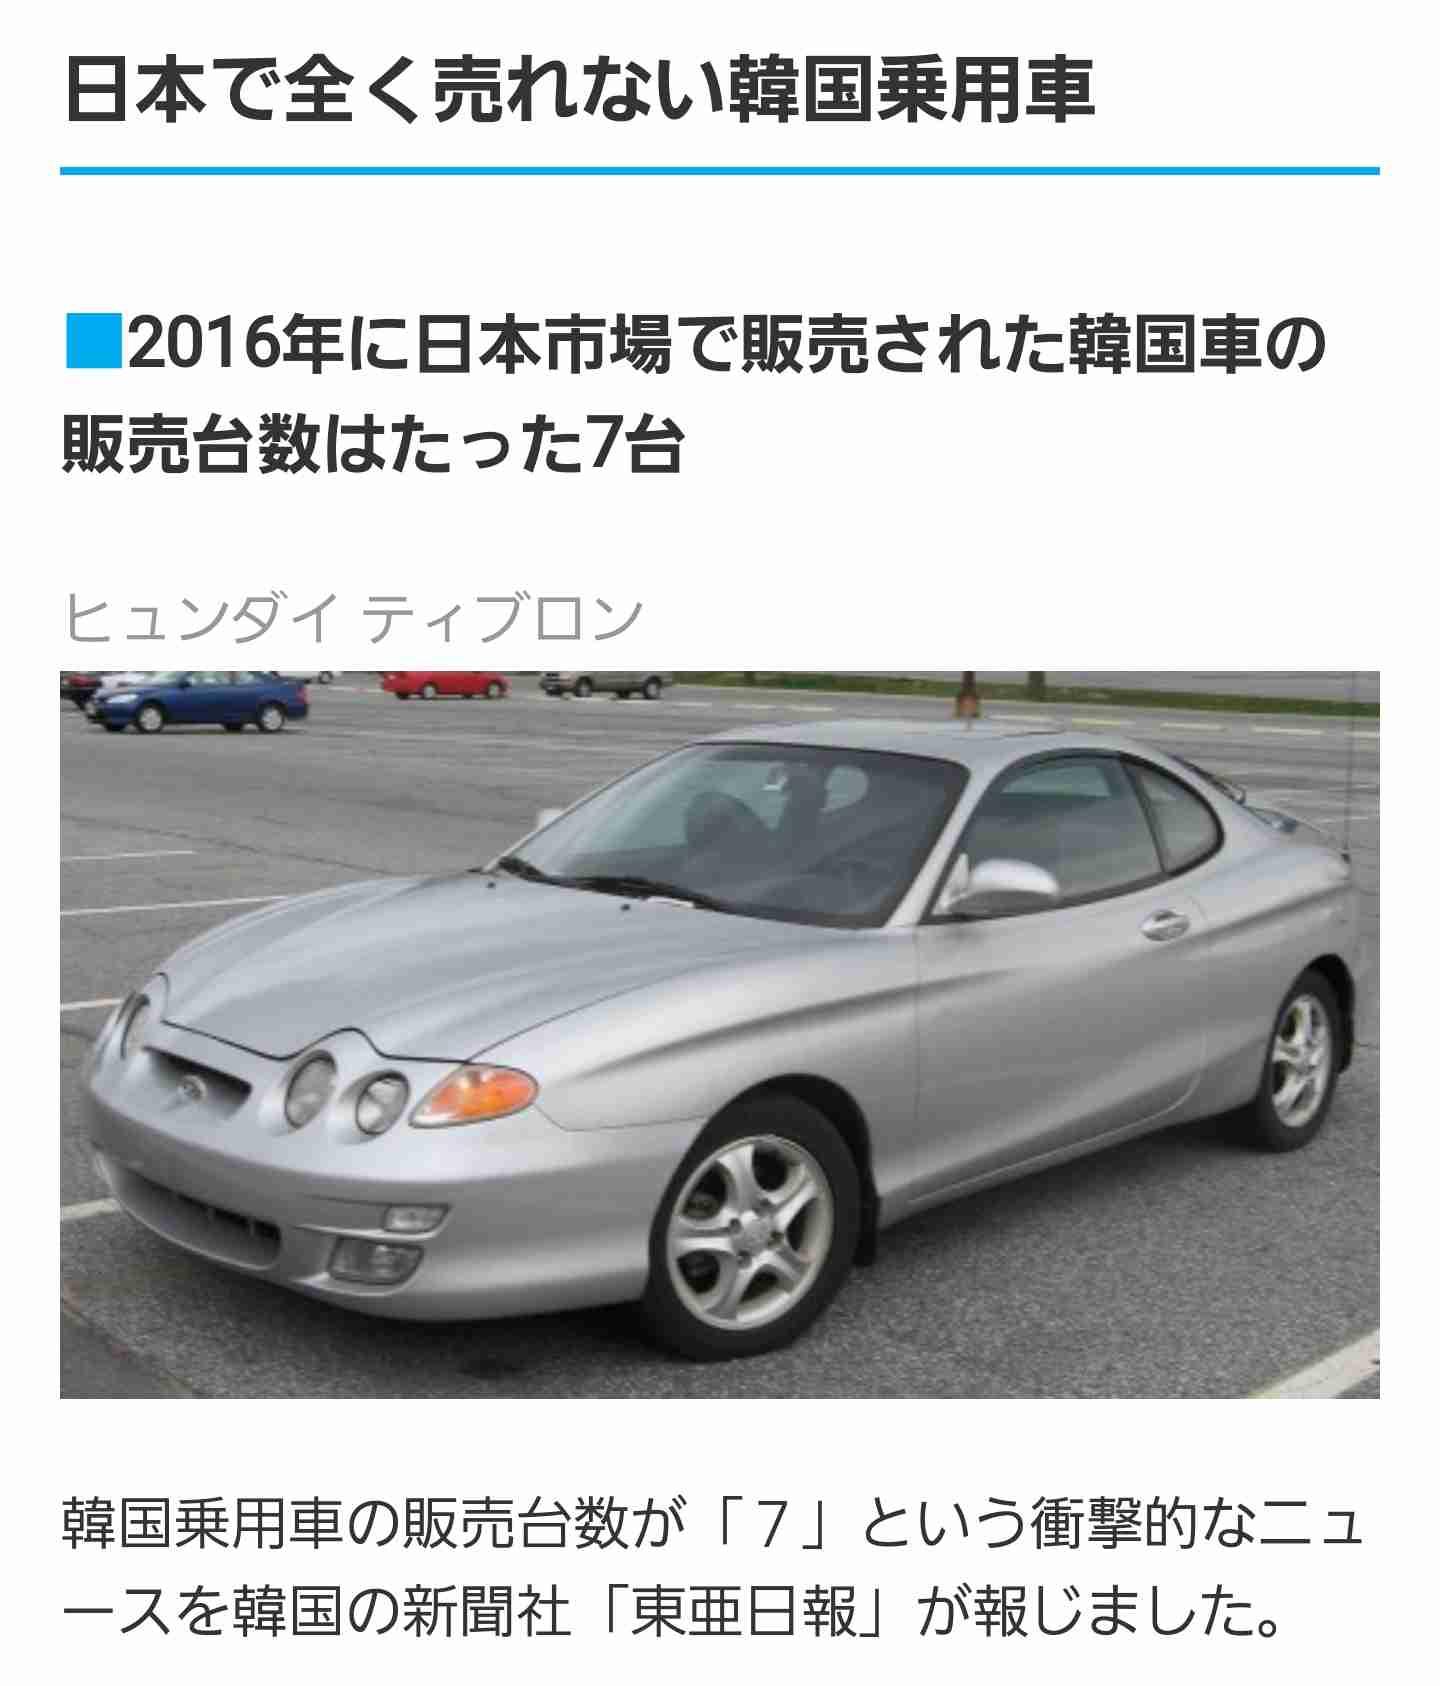 買おうとしている車